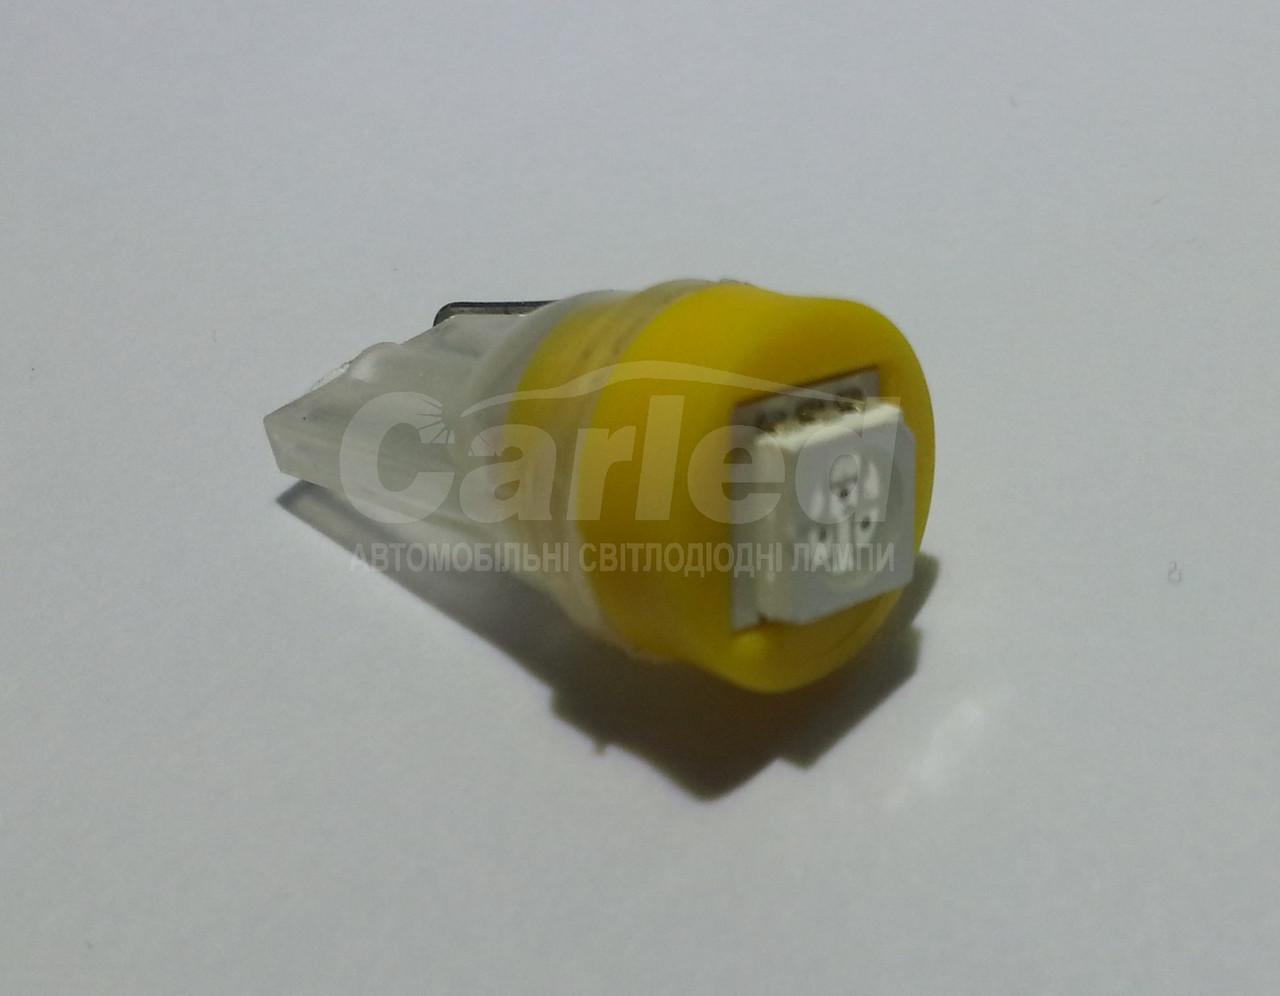 Світлодіодна автолампа Т10, YELLOW 1pcs 5050 (Foton)